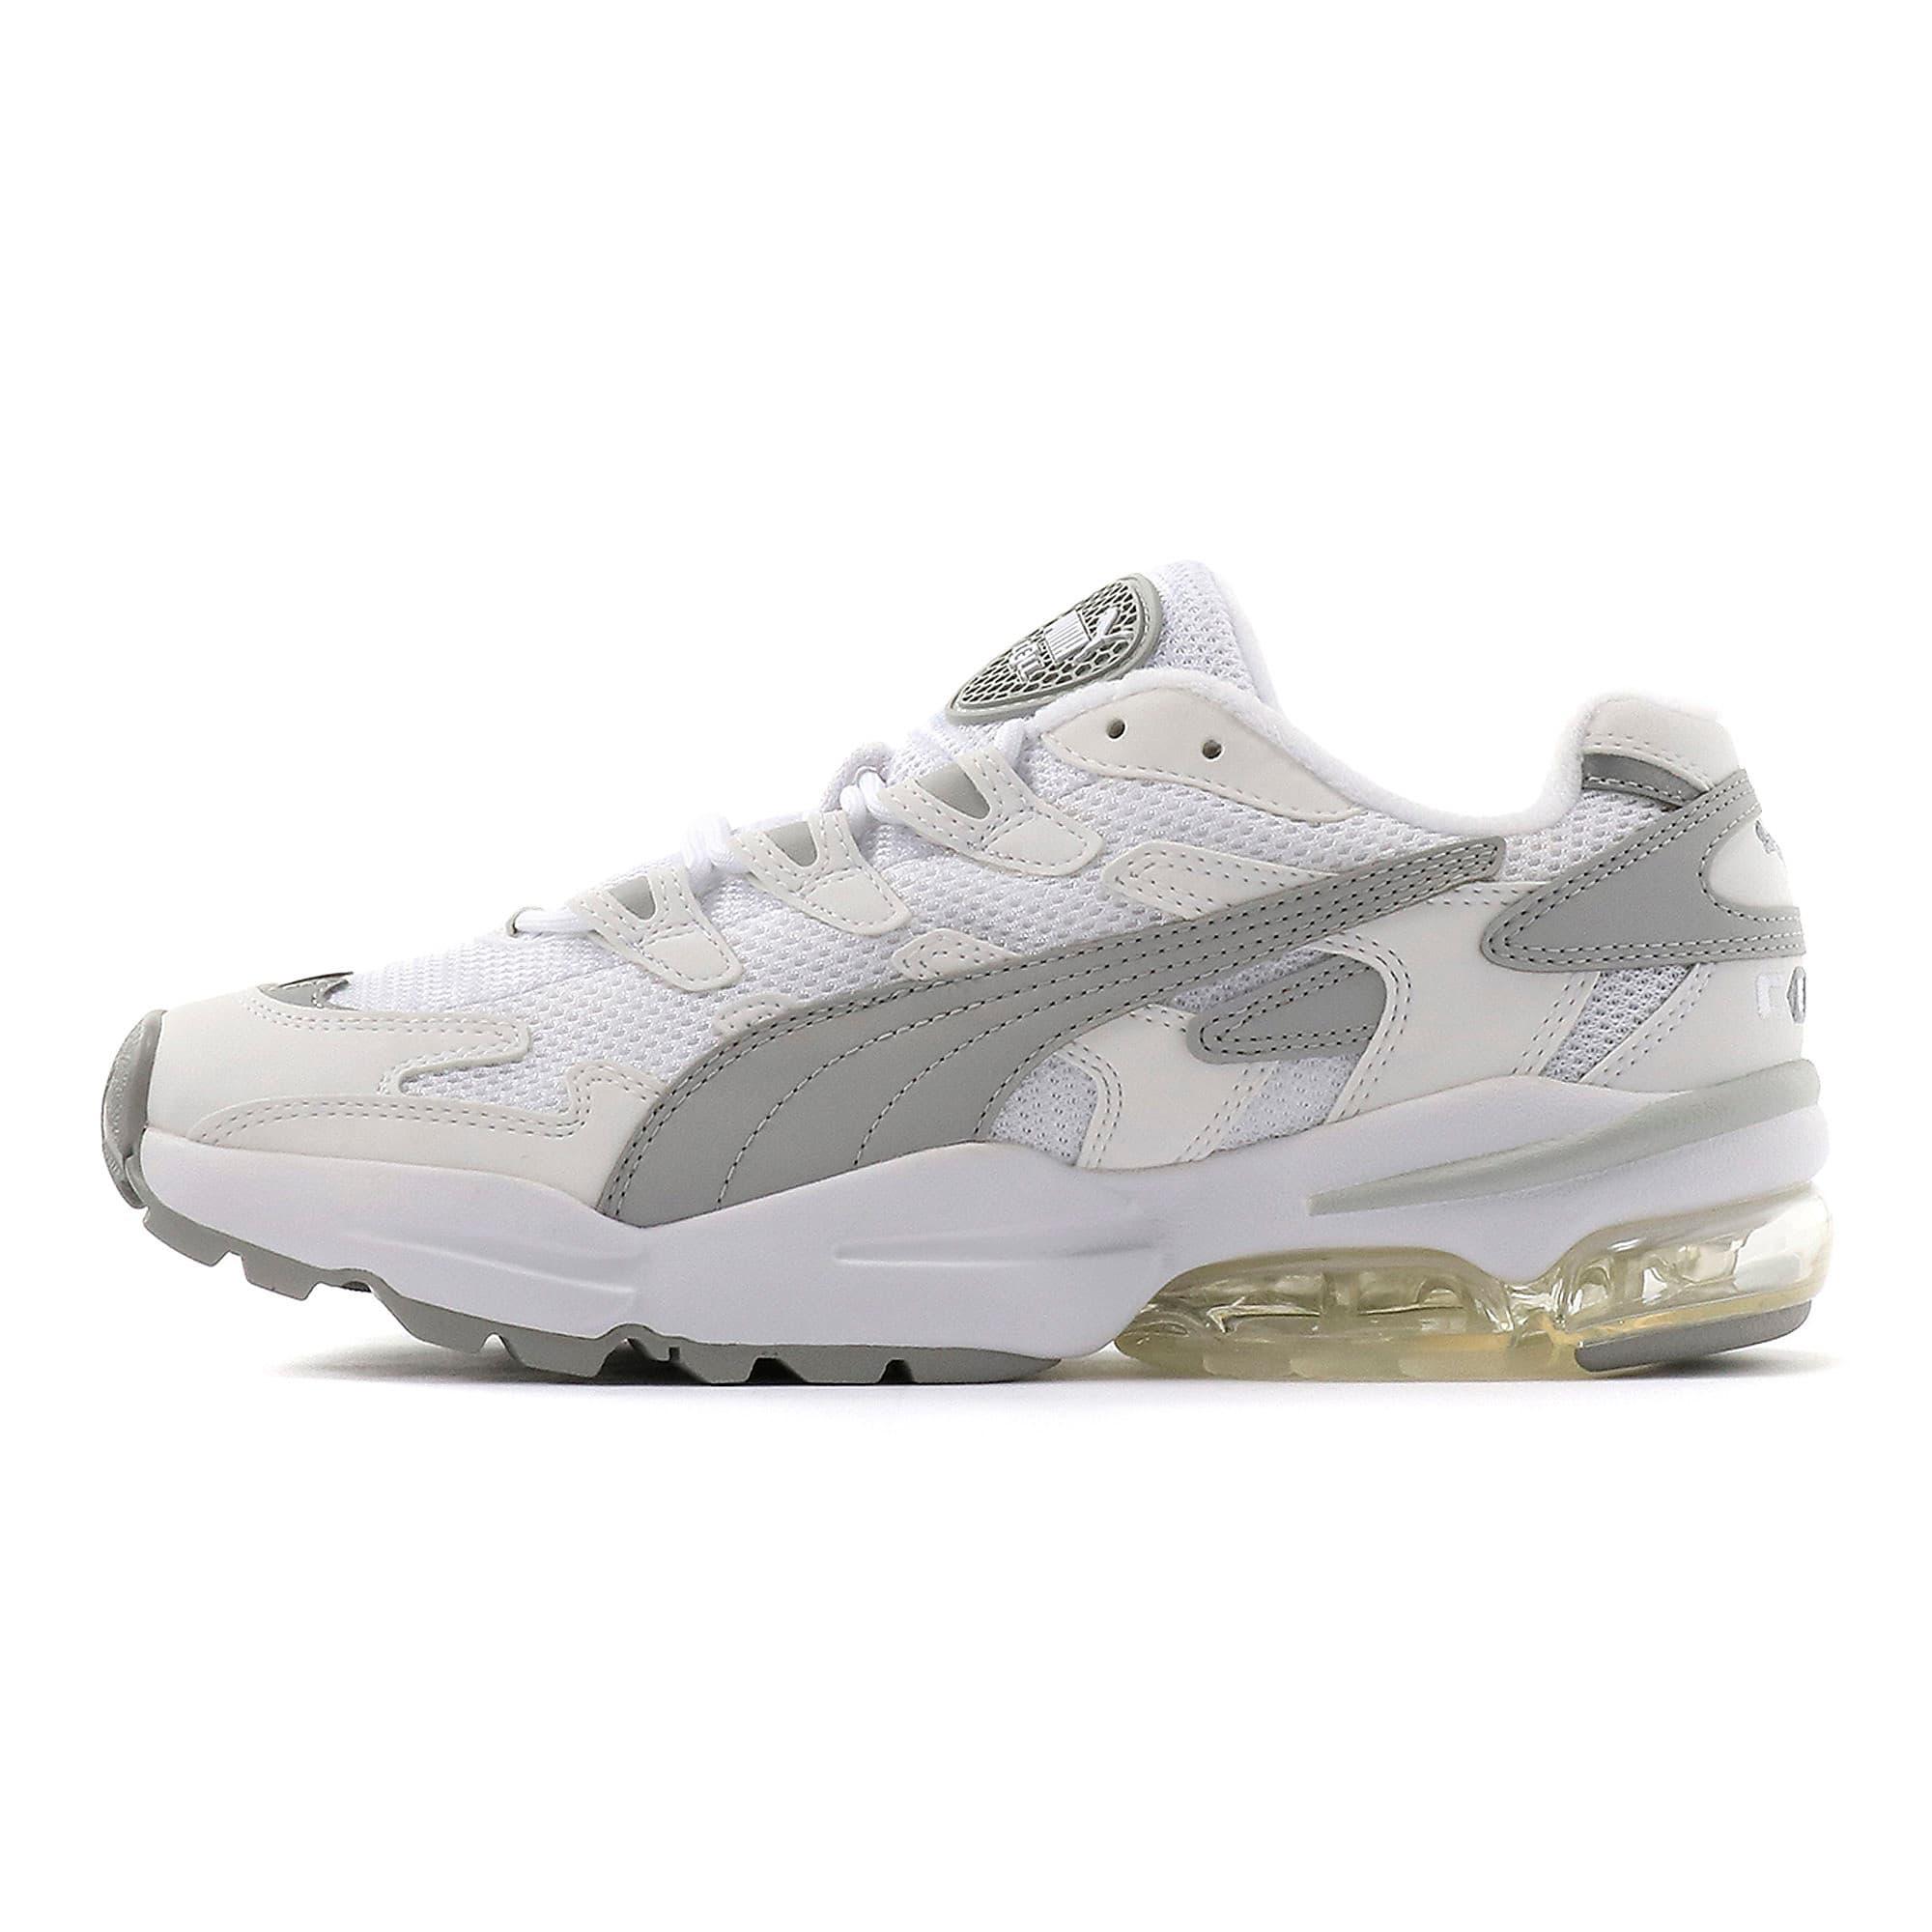 Thumbnail 1 of CELL Alien OG Sneakers, Puma White-High Rise, medium